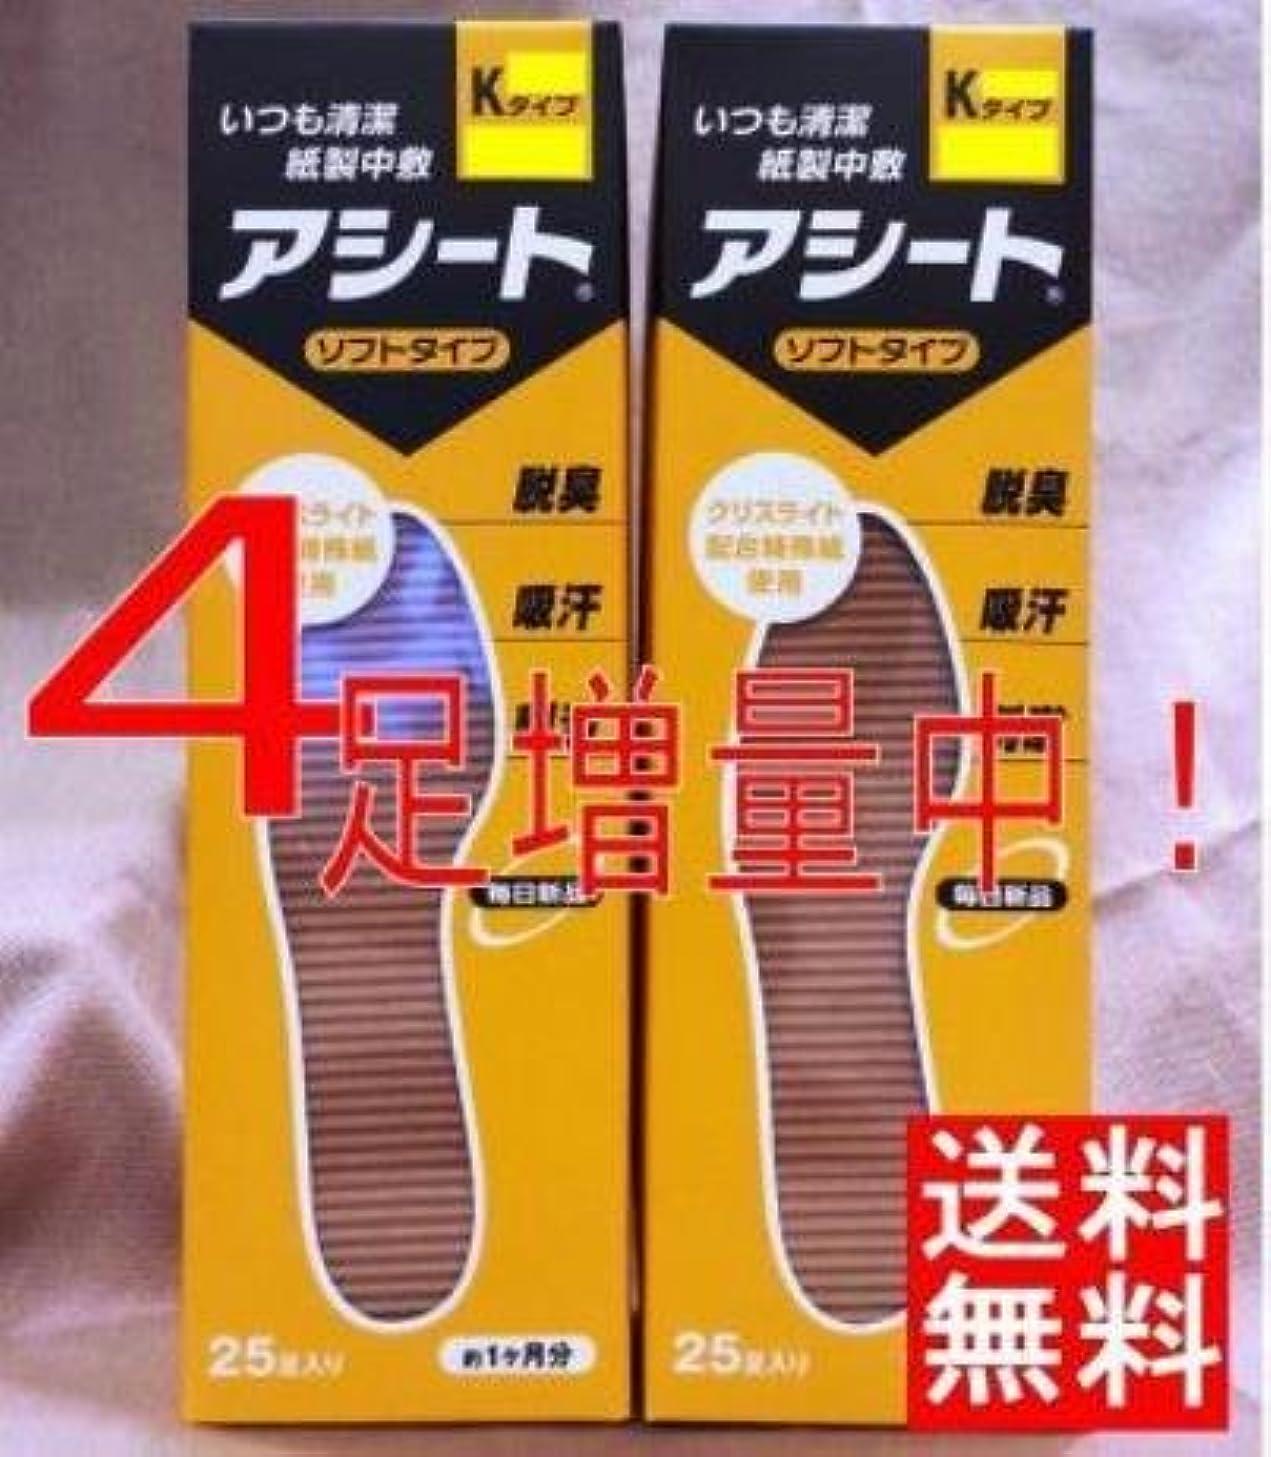 副任命ハドルアシートK(サイズ25cm)×2箱セット(4足増量中)